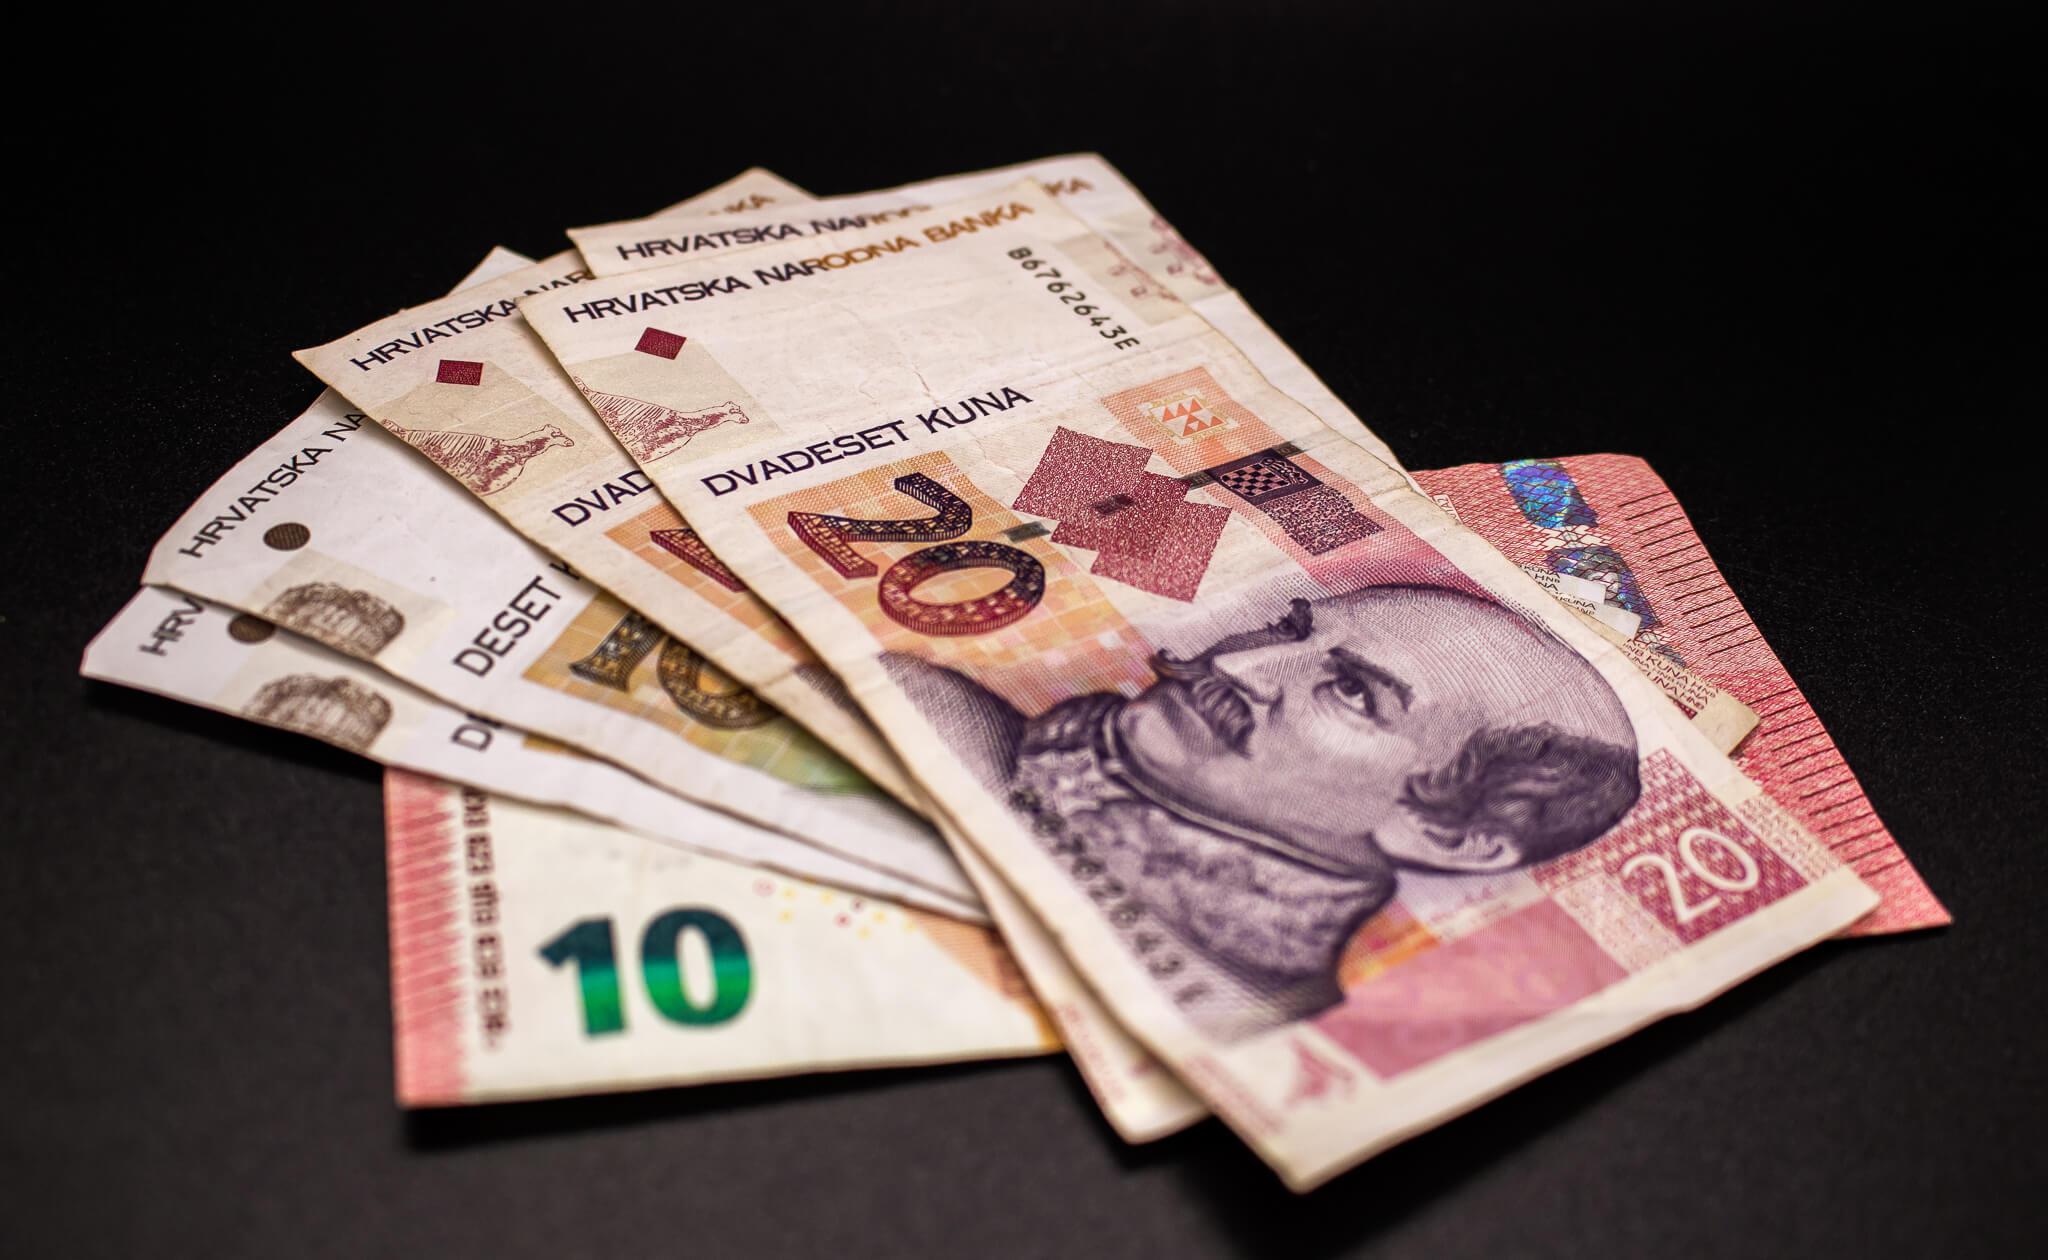 Nevjenčani par varao na zakupu nekretnine: Trgovačko društvo oštetili za više od 150.000 kuna